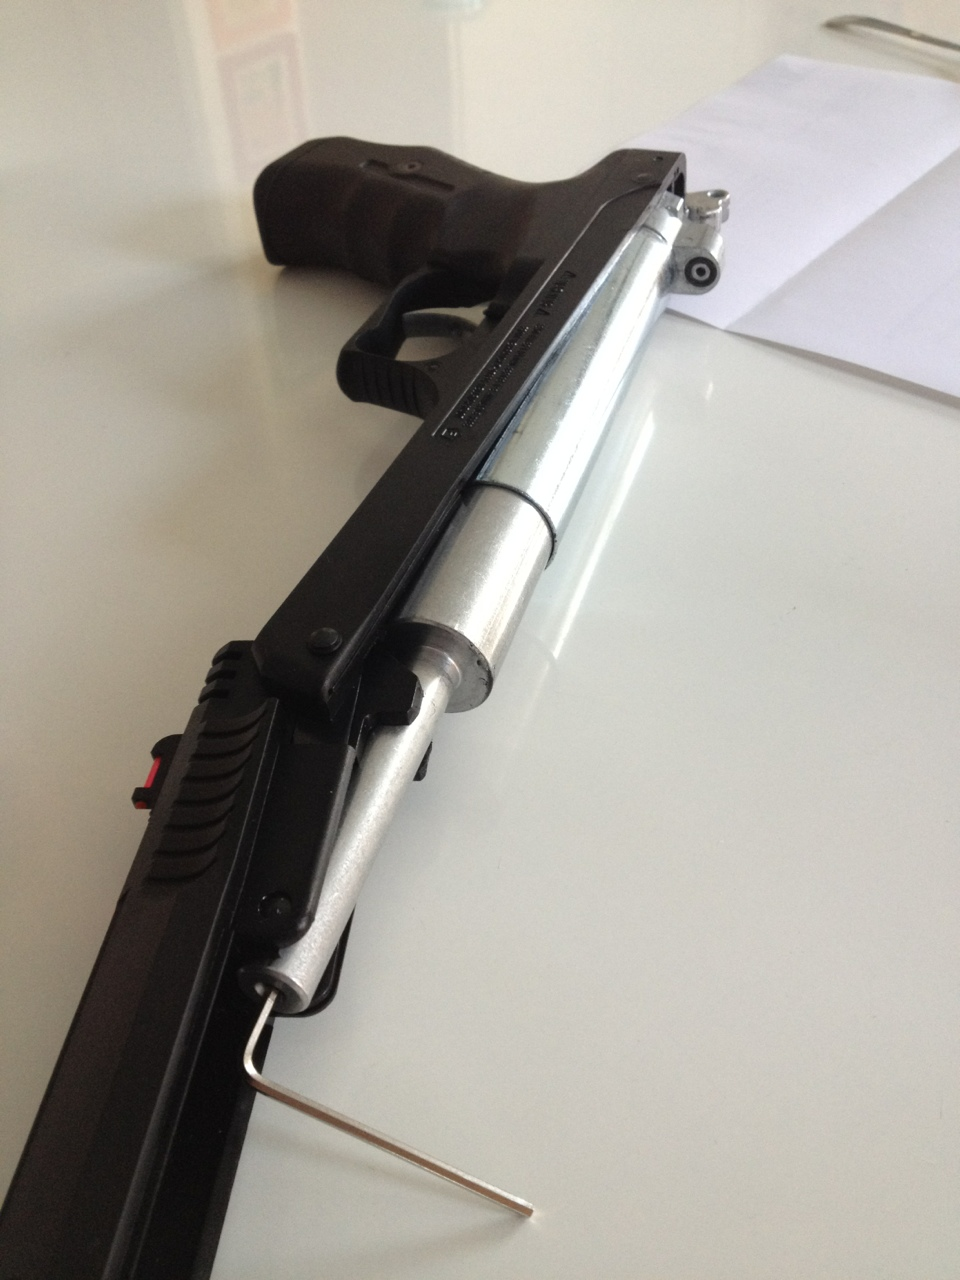 L'entretien du joint de piston du HW40 en images  9CDC4184-43EF-4F3E-B1D6-635B22943E81-3669-000002D79E24D13A_zpsc6c207d3